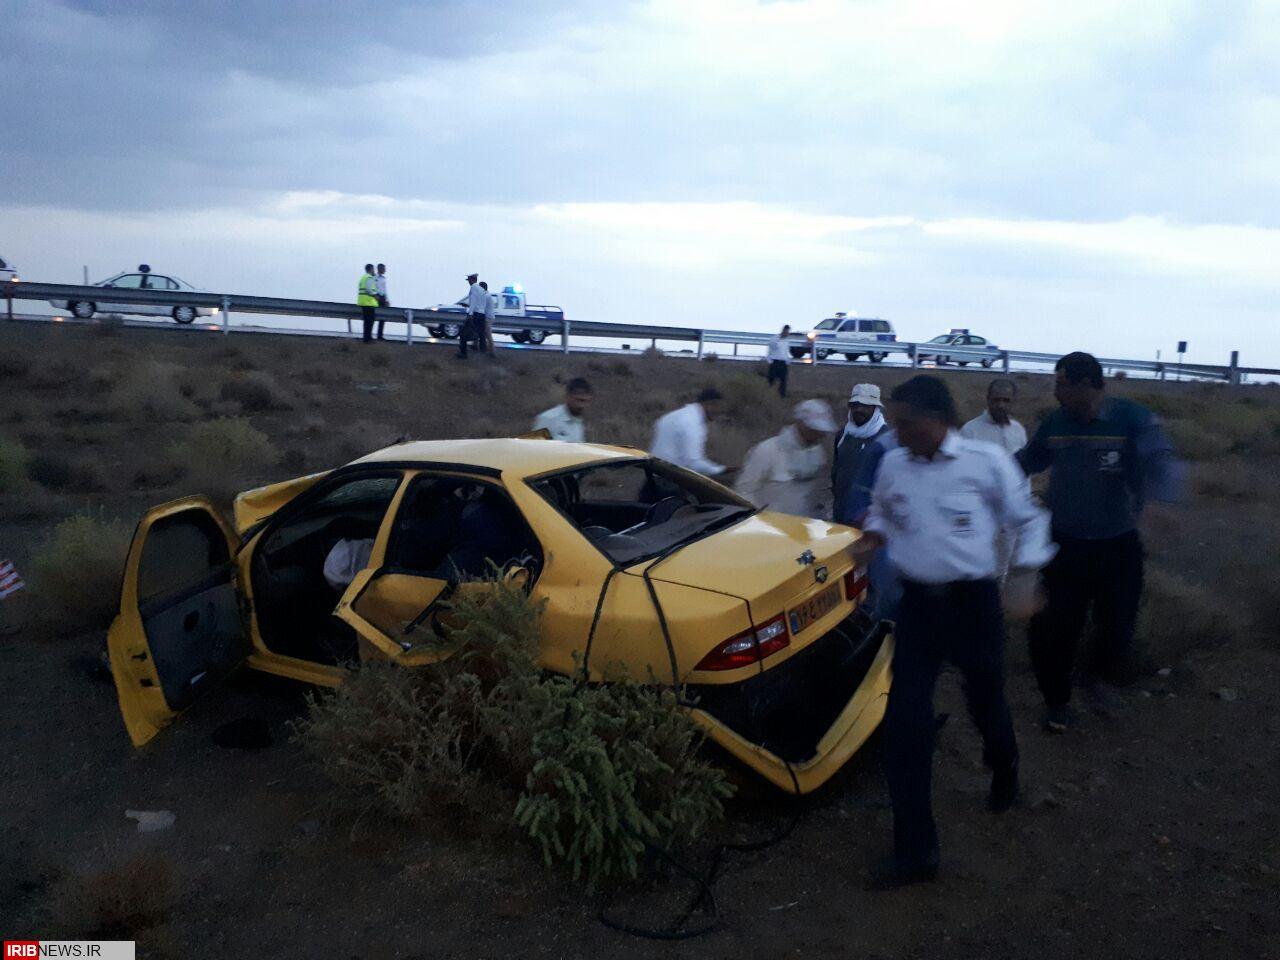 یک کشته و 3 مصدوم در حادثه رانندگی آزاد راه ساوه همدان + عکس